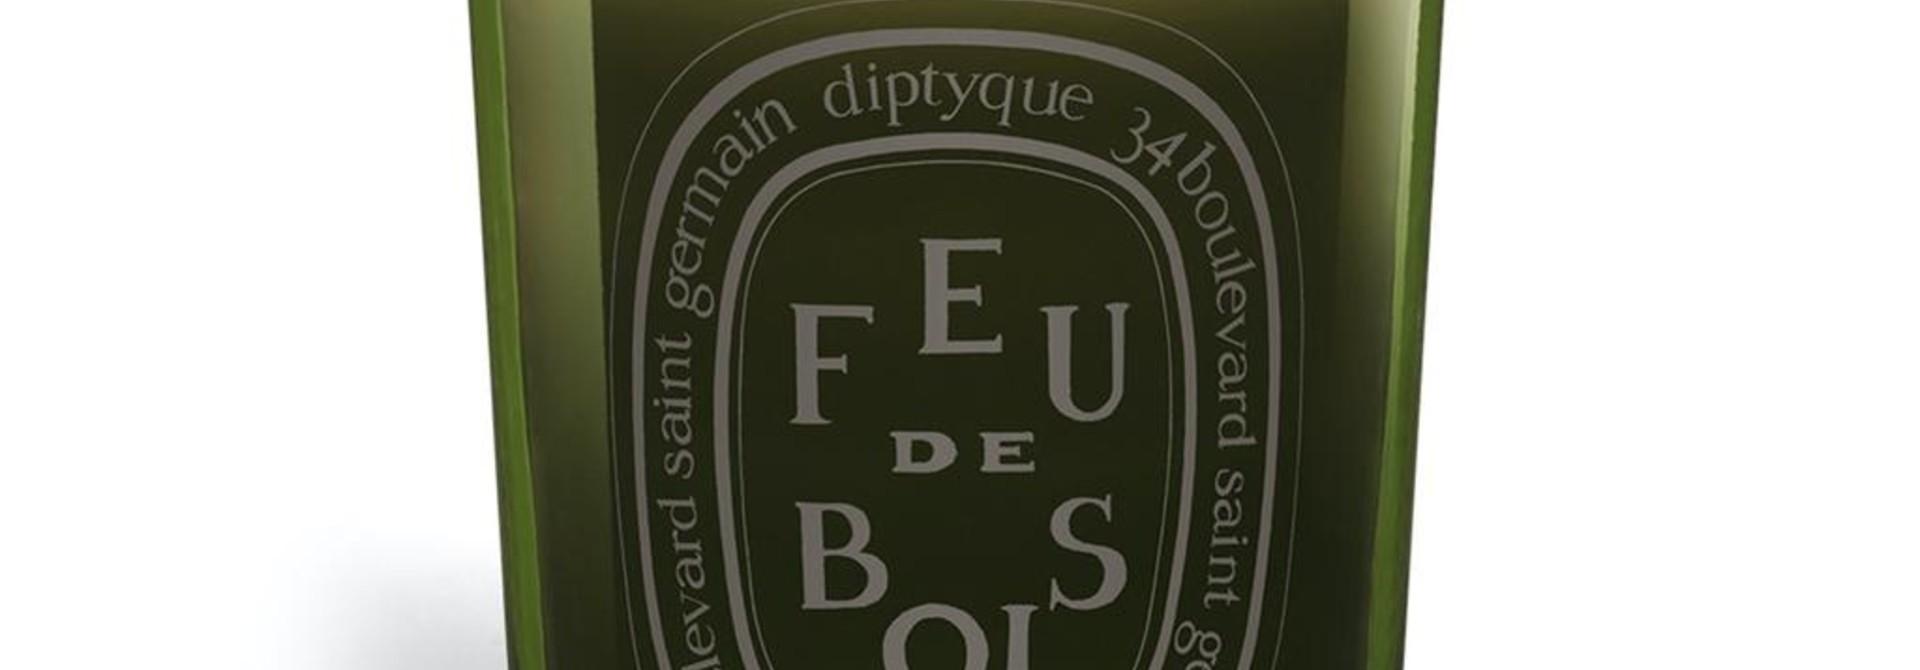 DIPTYQUE - Candle Feu de Bois 300gr